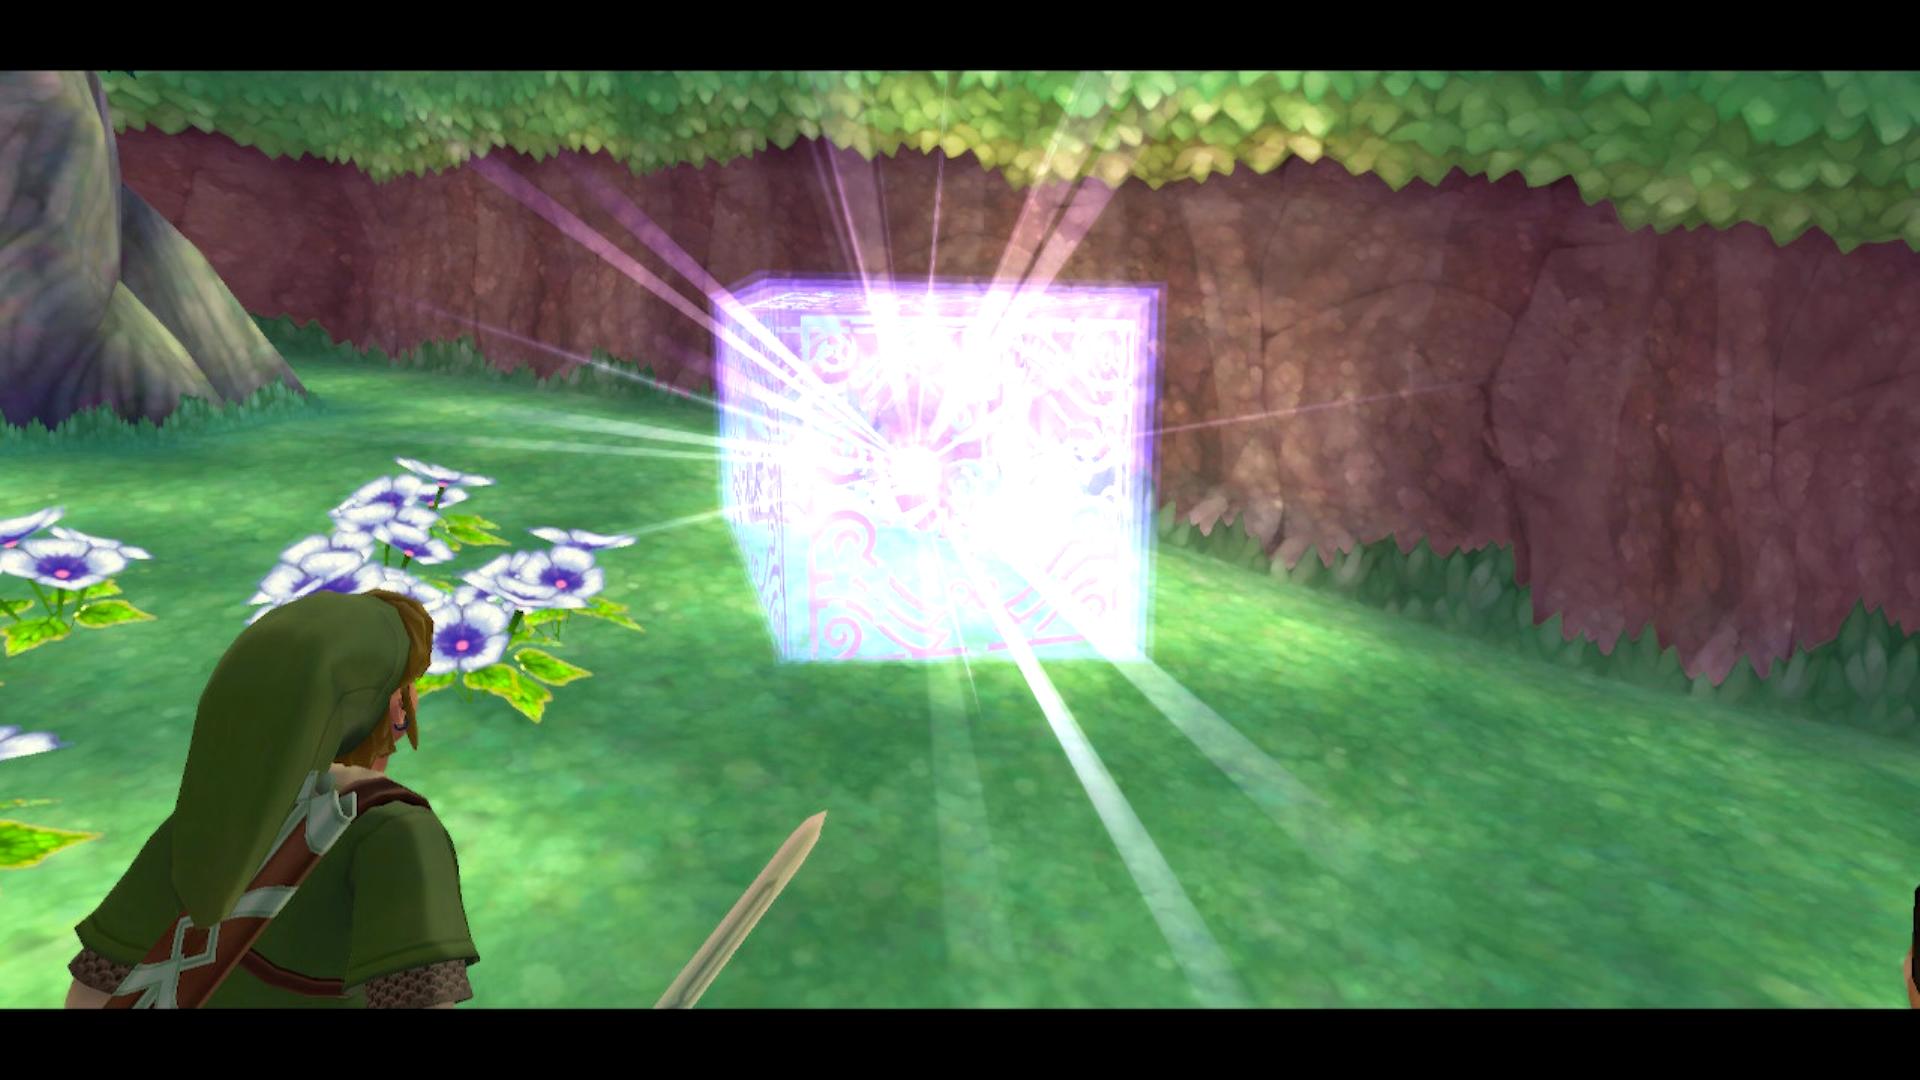 A Goddess Cube from The Legend of Zelda: Skyward Sword